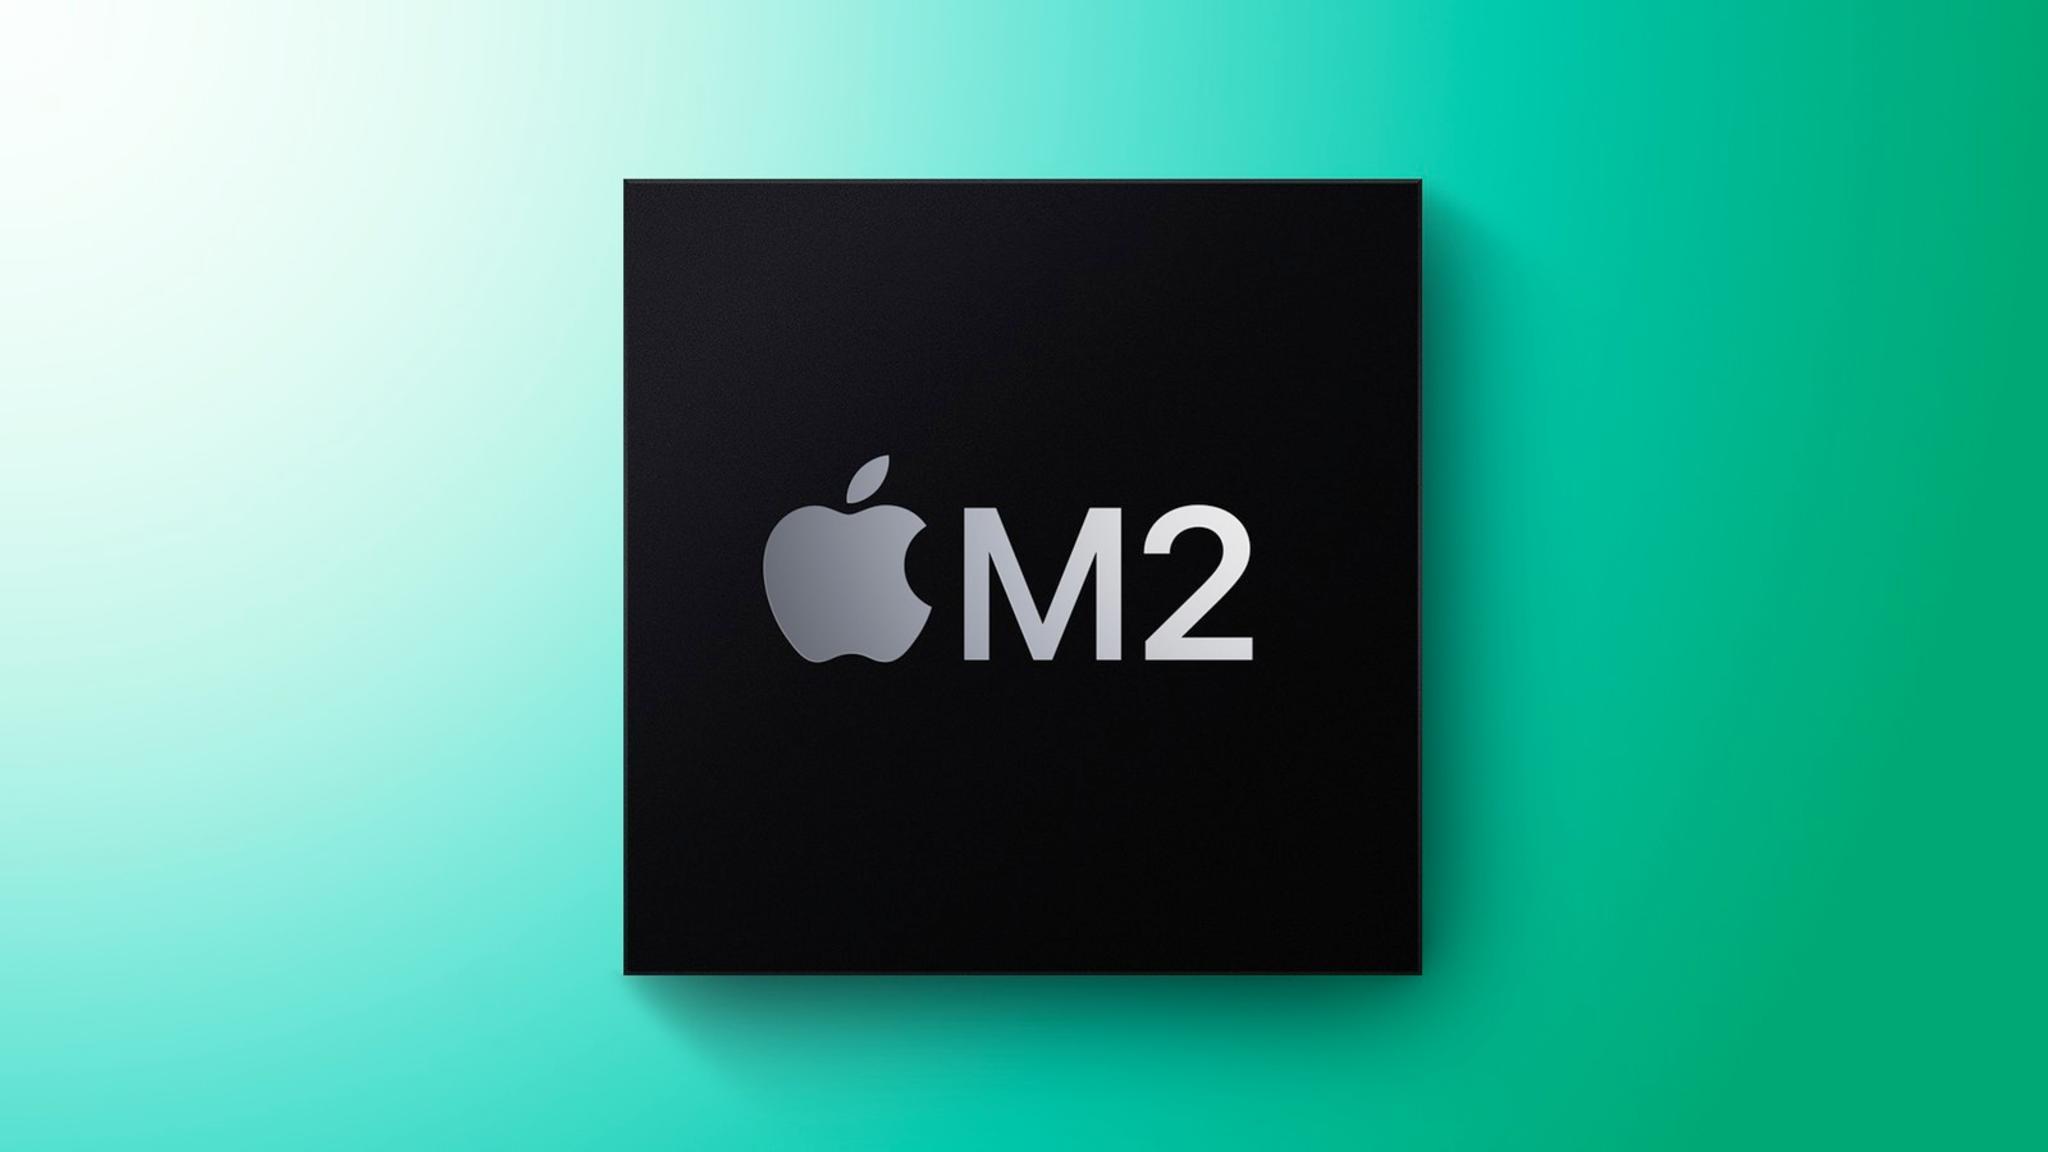 Schon im Juli sollen Apples M2-Chips ausgeliefert werden.